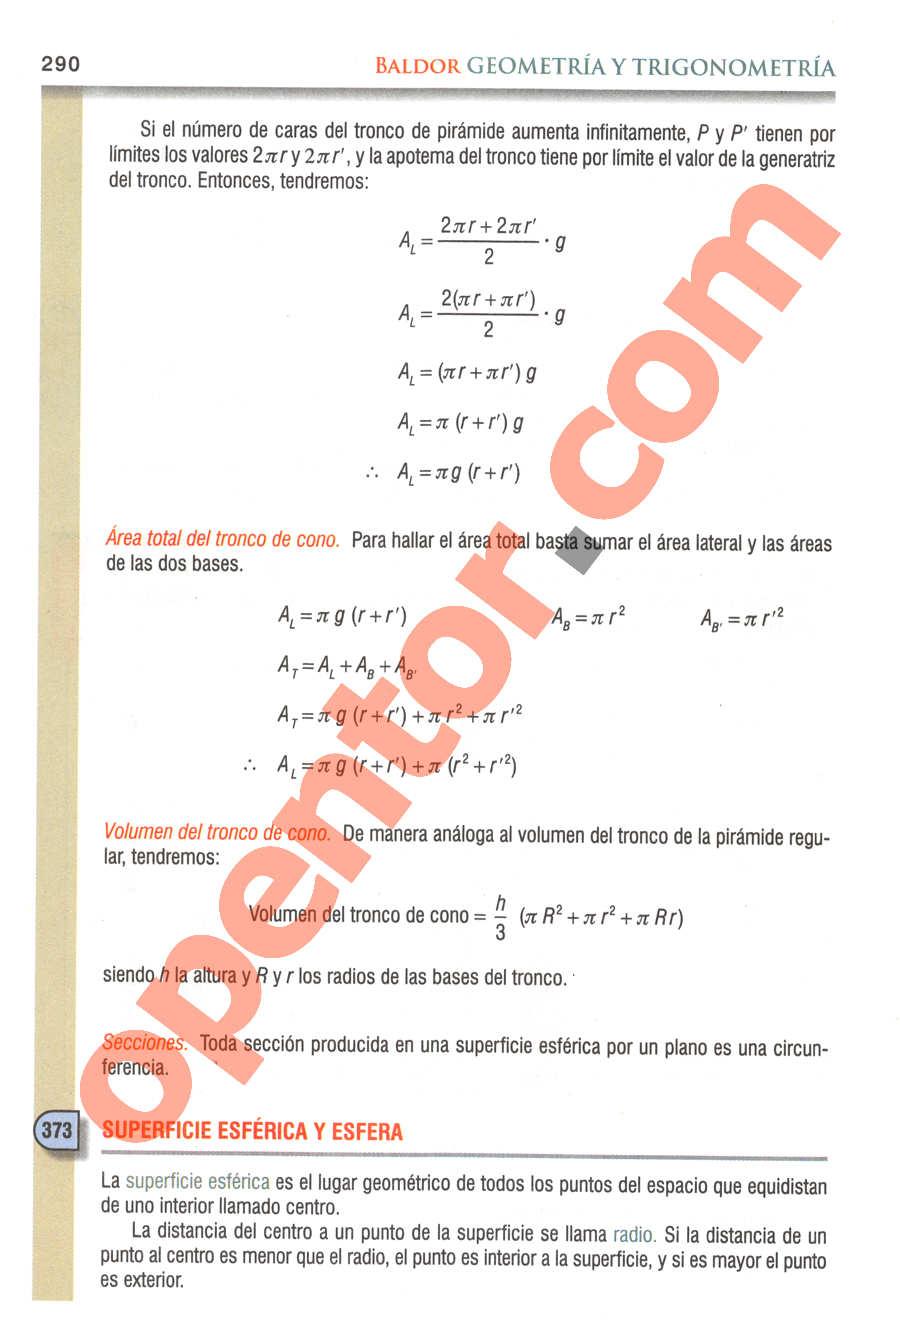 Geometría y Trigonometría de Baldor - Página 290